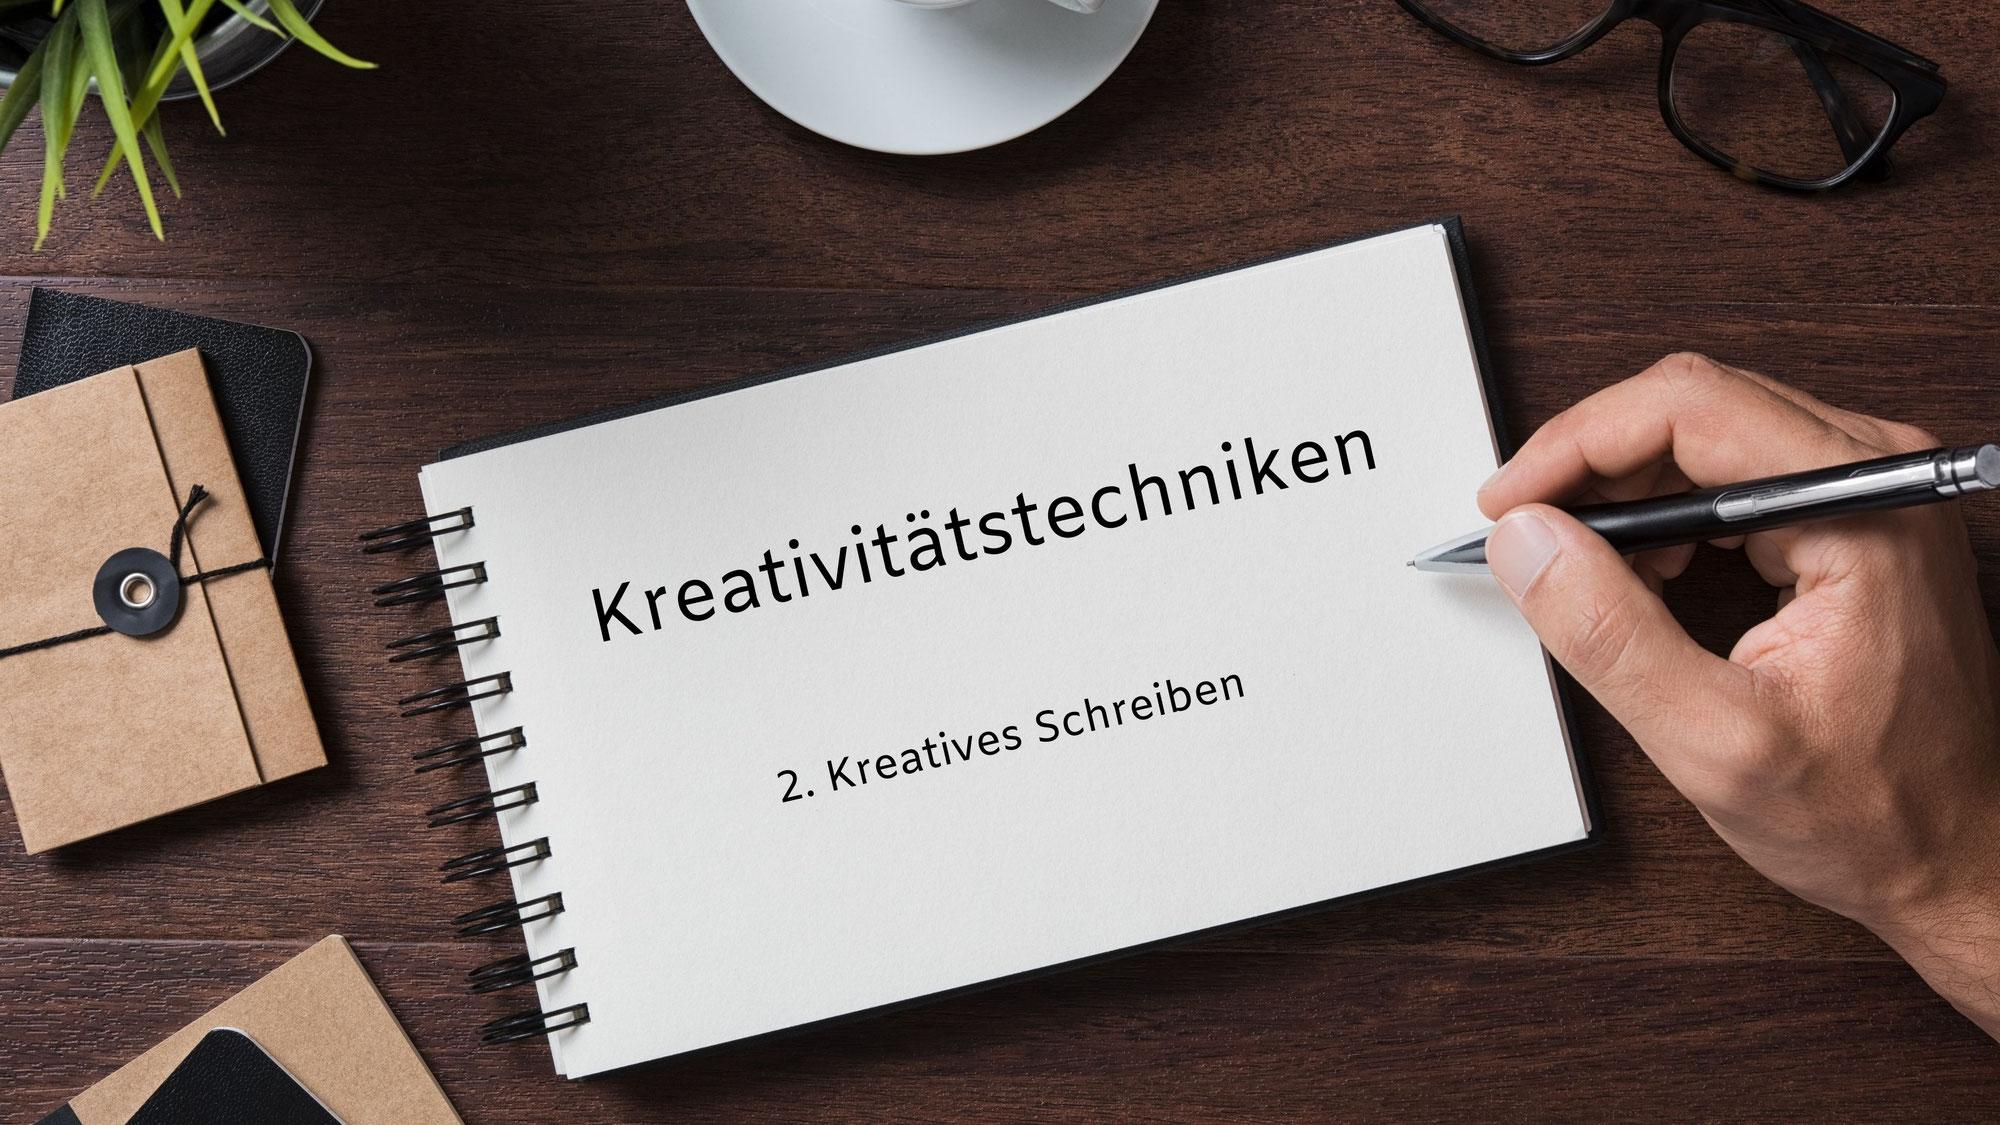 Kreativitätstechniken 2. Kreatives Schreiben